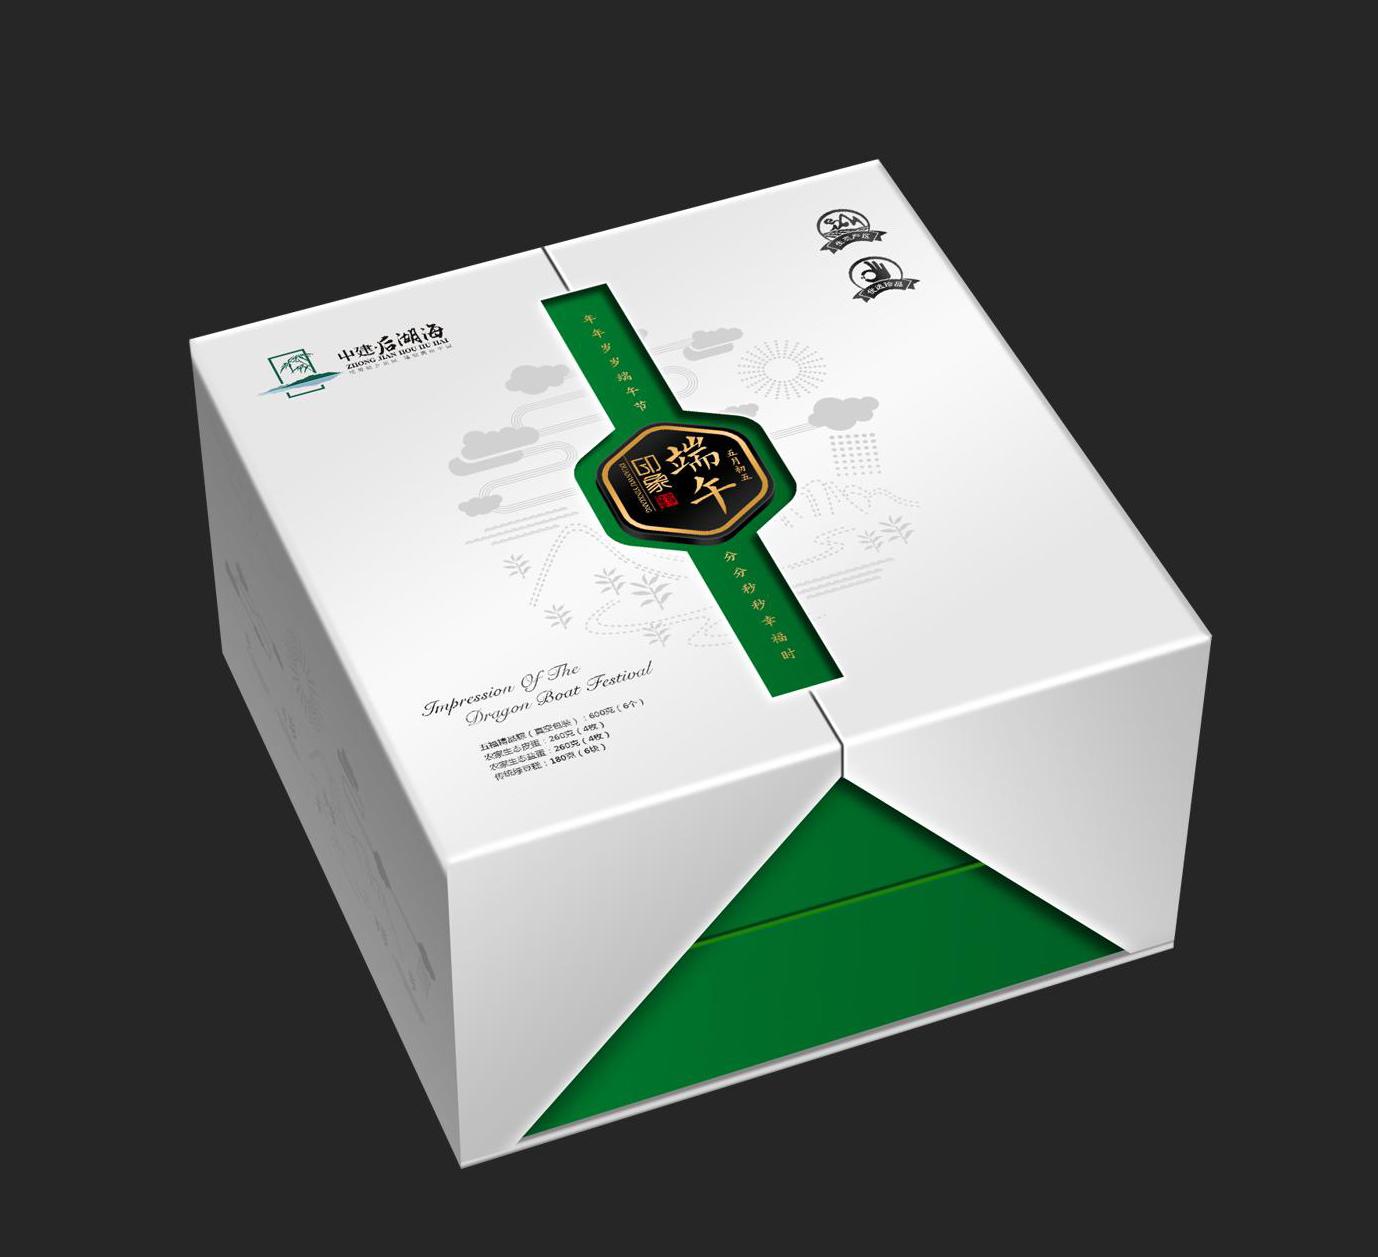 图一:武汉靡尚包装为中建三局投资发展公司精心设计的端午节安康礼盒图片